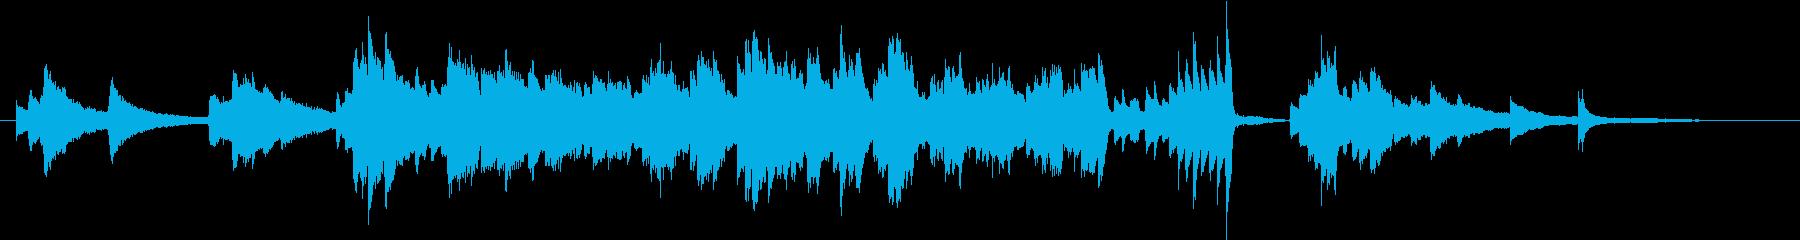 切ないのピアノの再生済みの波形